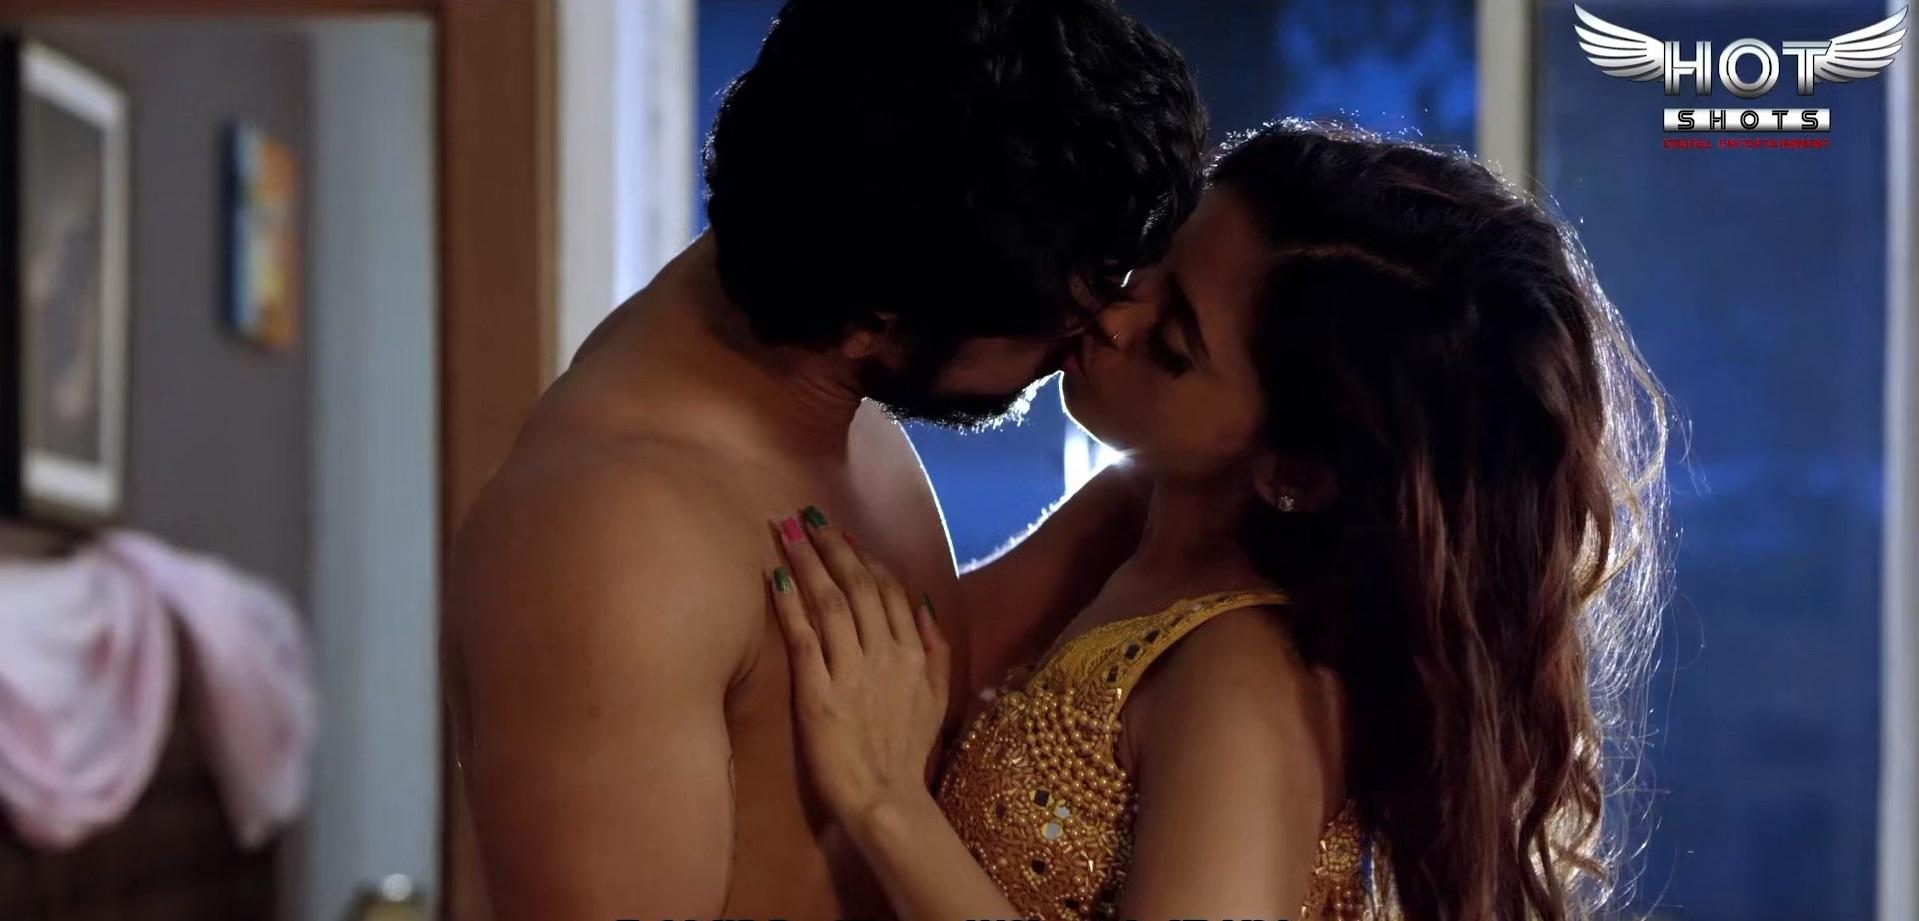 dhrs 19 - 18+ Dream 2020 HotShots Originals Hindi Short Film 720p HDRip 150MB x264 AAC